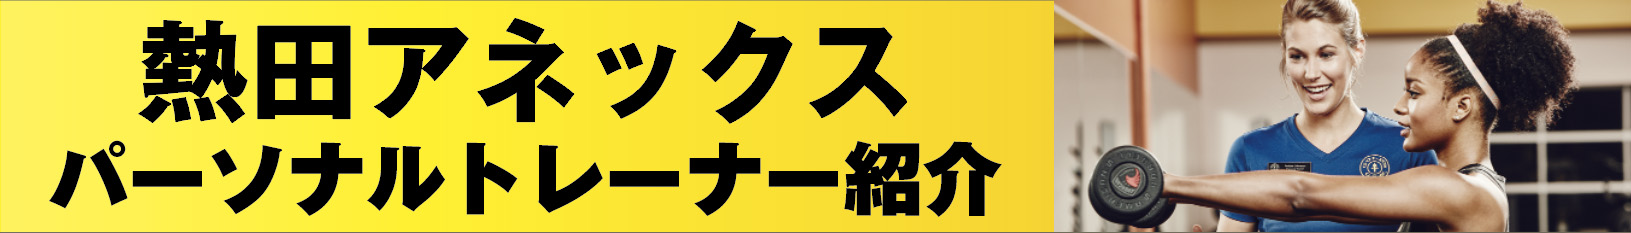 イオン スポーツ クラブ 熱田